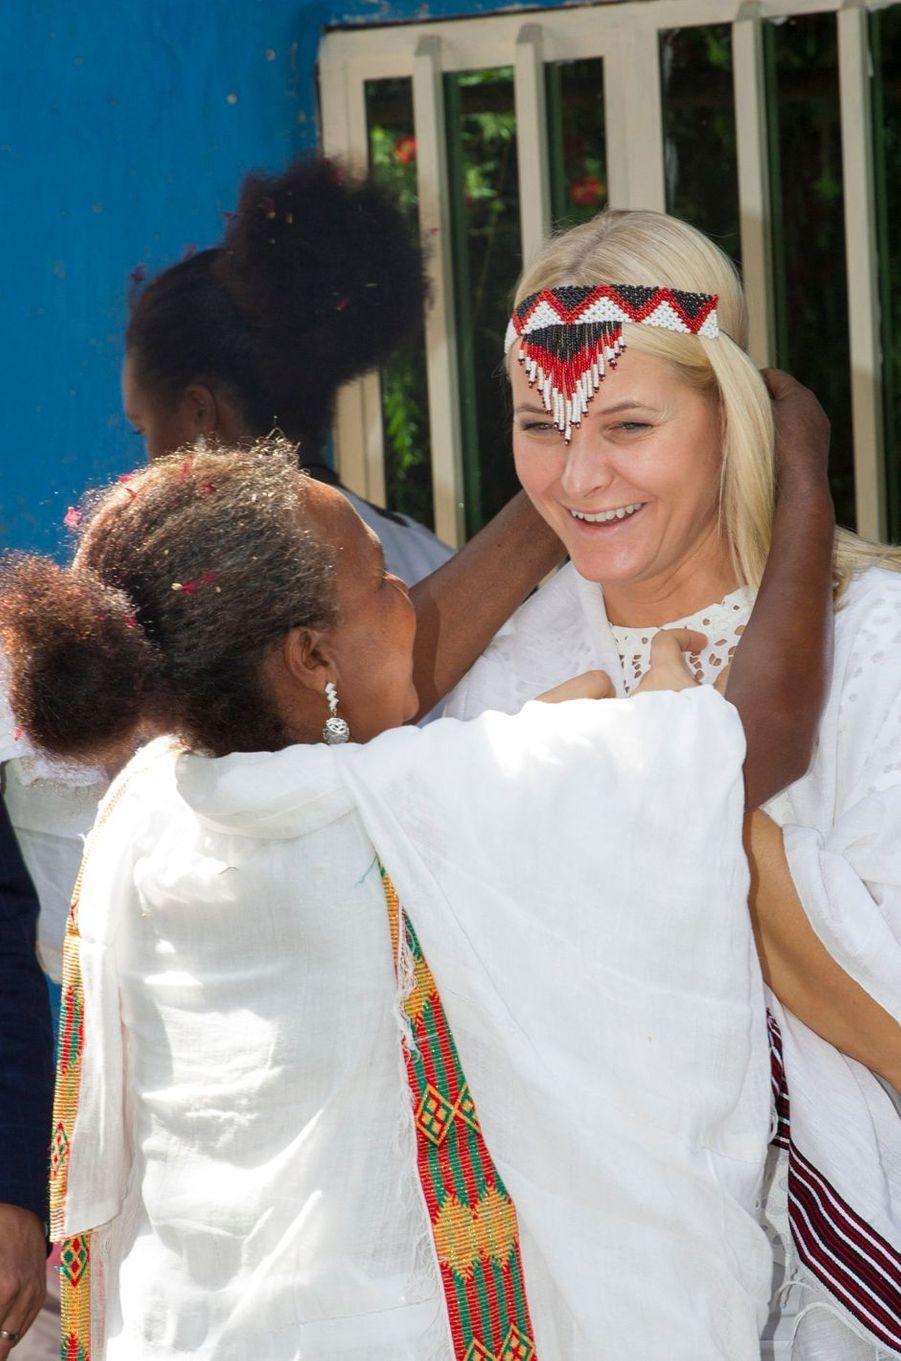 La princesse Mette-Marit de Norvège dans la région d'Oromia, le 8 novembre 2017